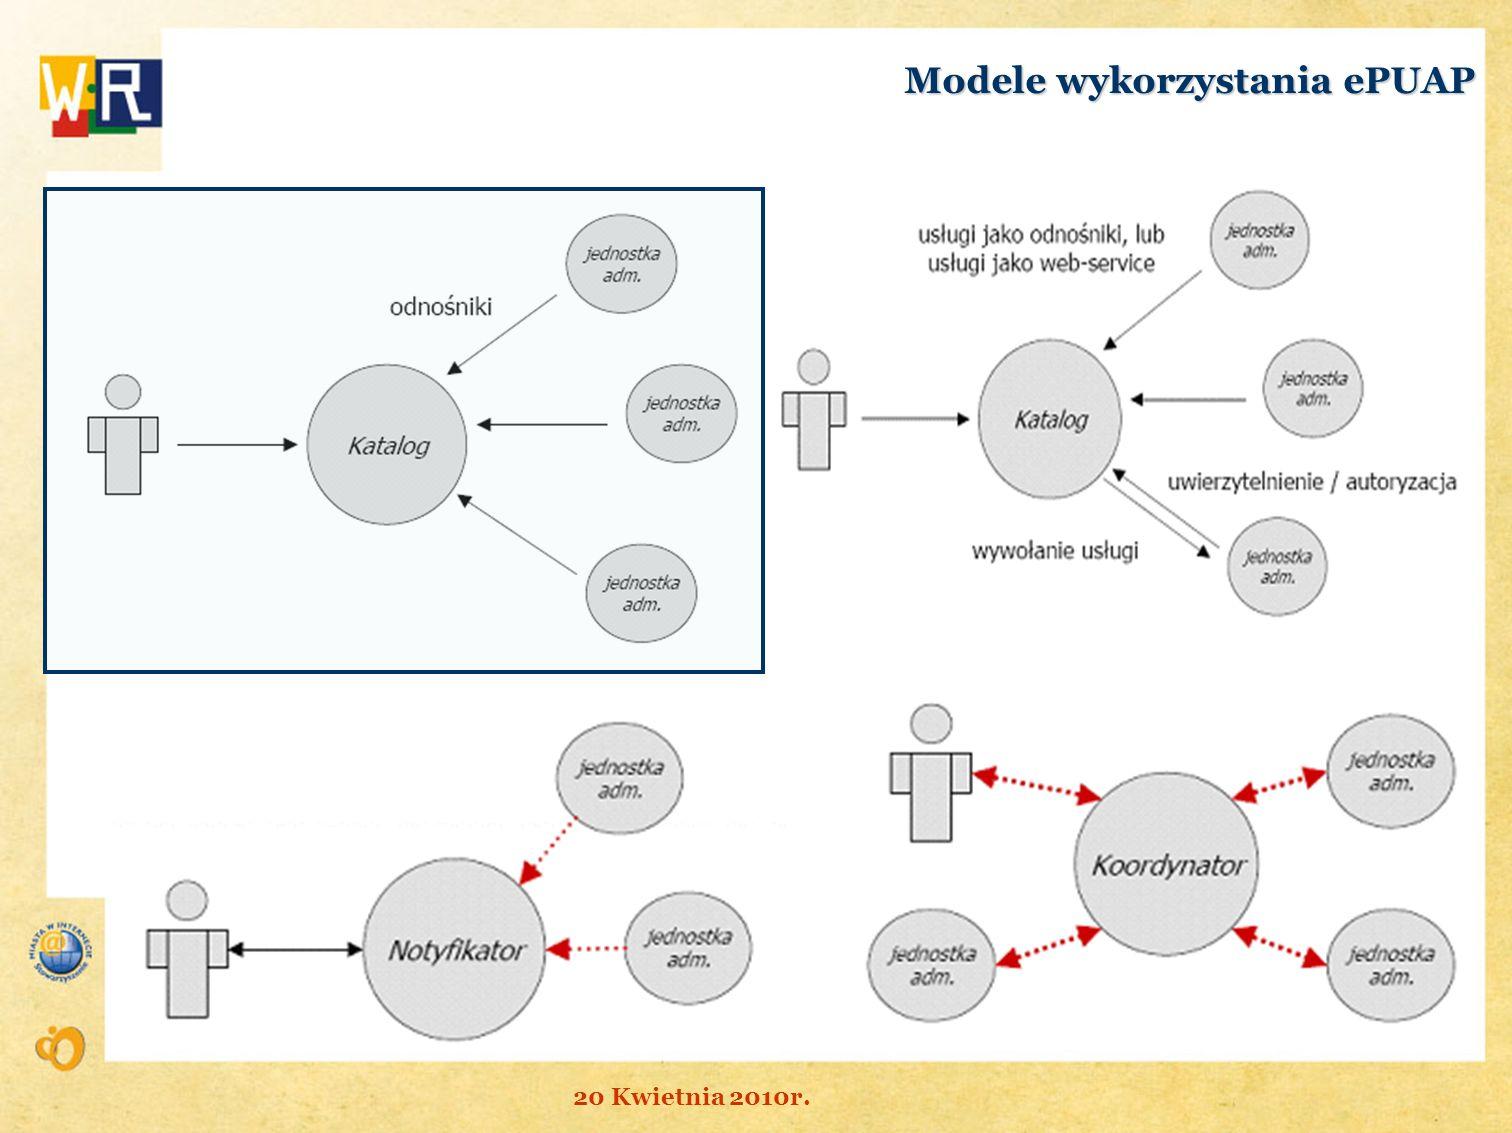 Modele wykorzystania ePUAP 20 Kwietnia 2010r.